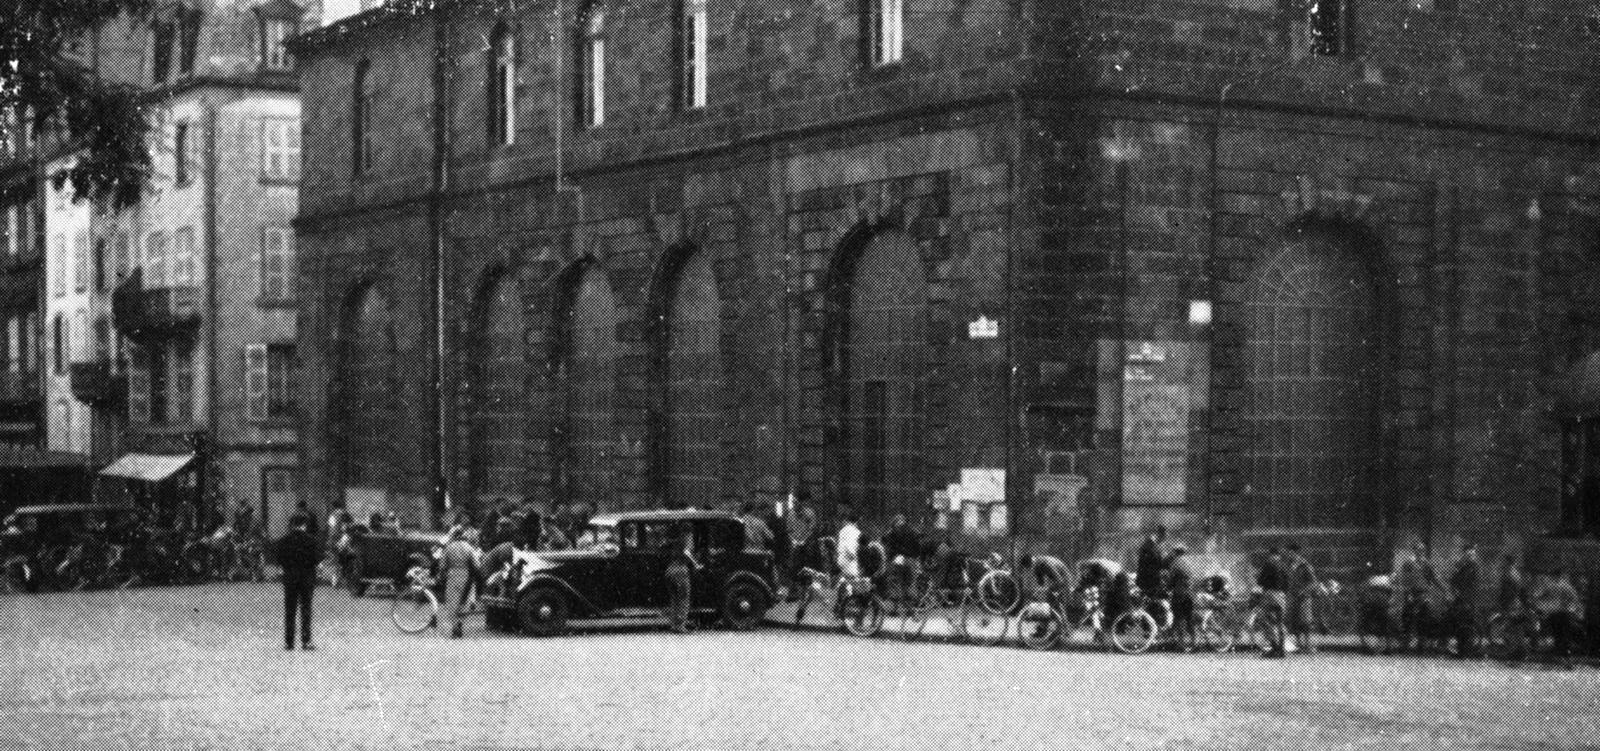 Le départ du Concours de Machines 1934 depuis Clermont-Ferrand